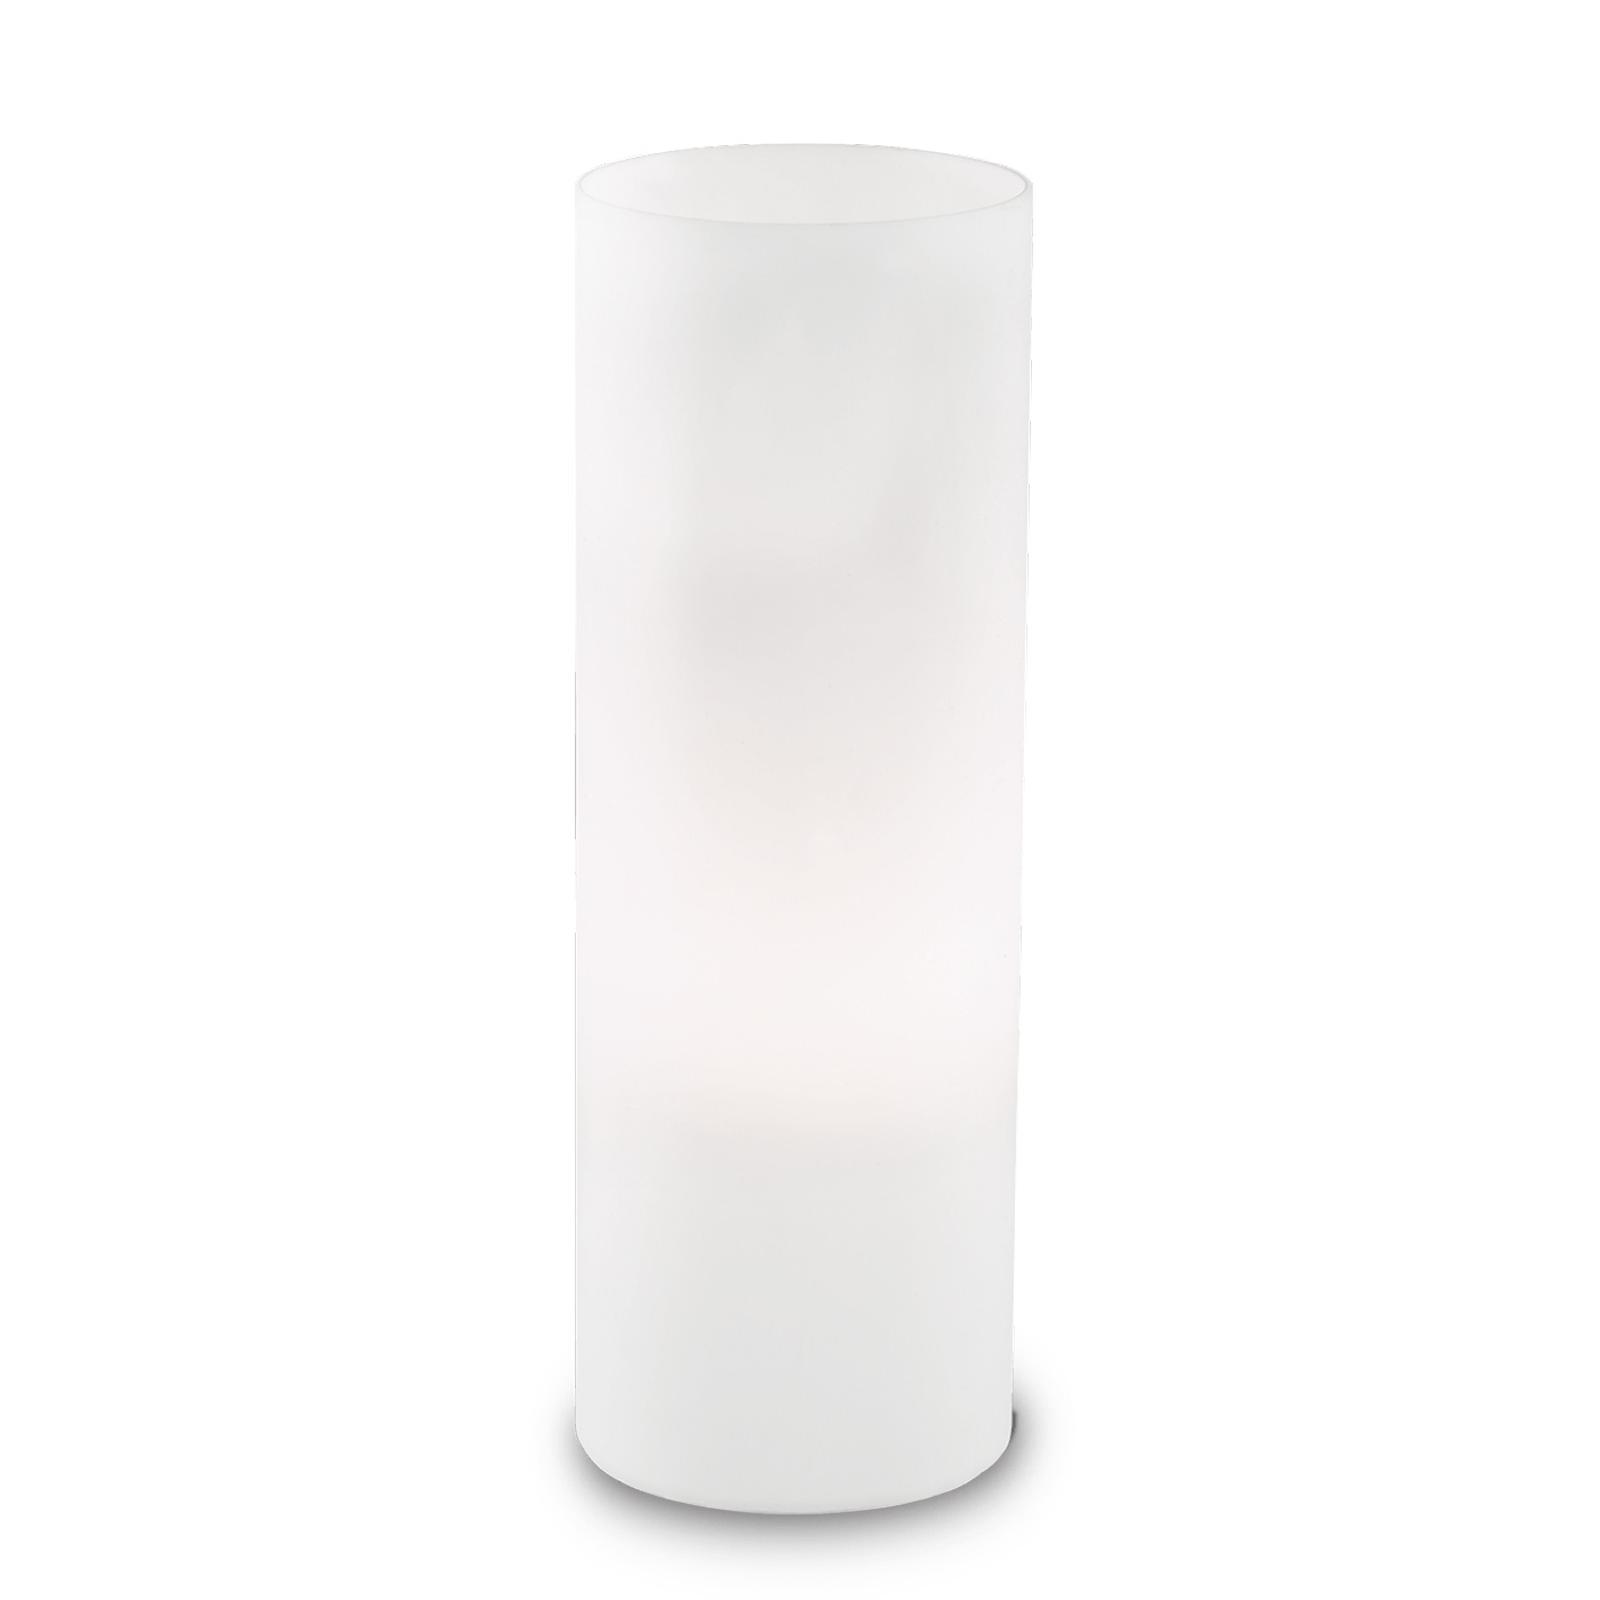 Tischleuchte Edo aus weißem Glas, Höhe 35 cm